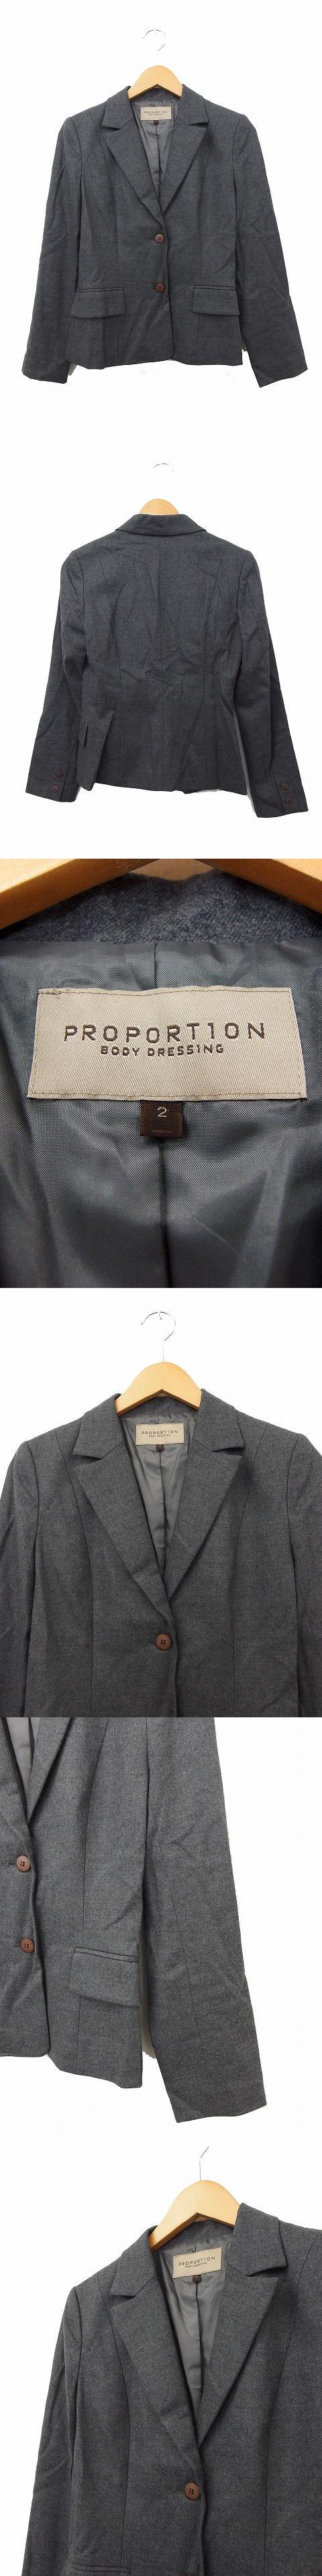 ジャケット アウター テーラードジャケット 毛 ウール 無地 シンプル 2 グレー /KT37